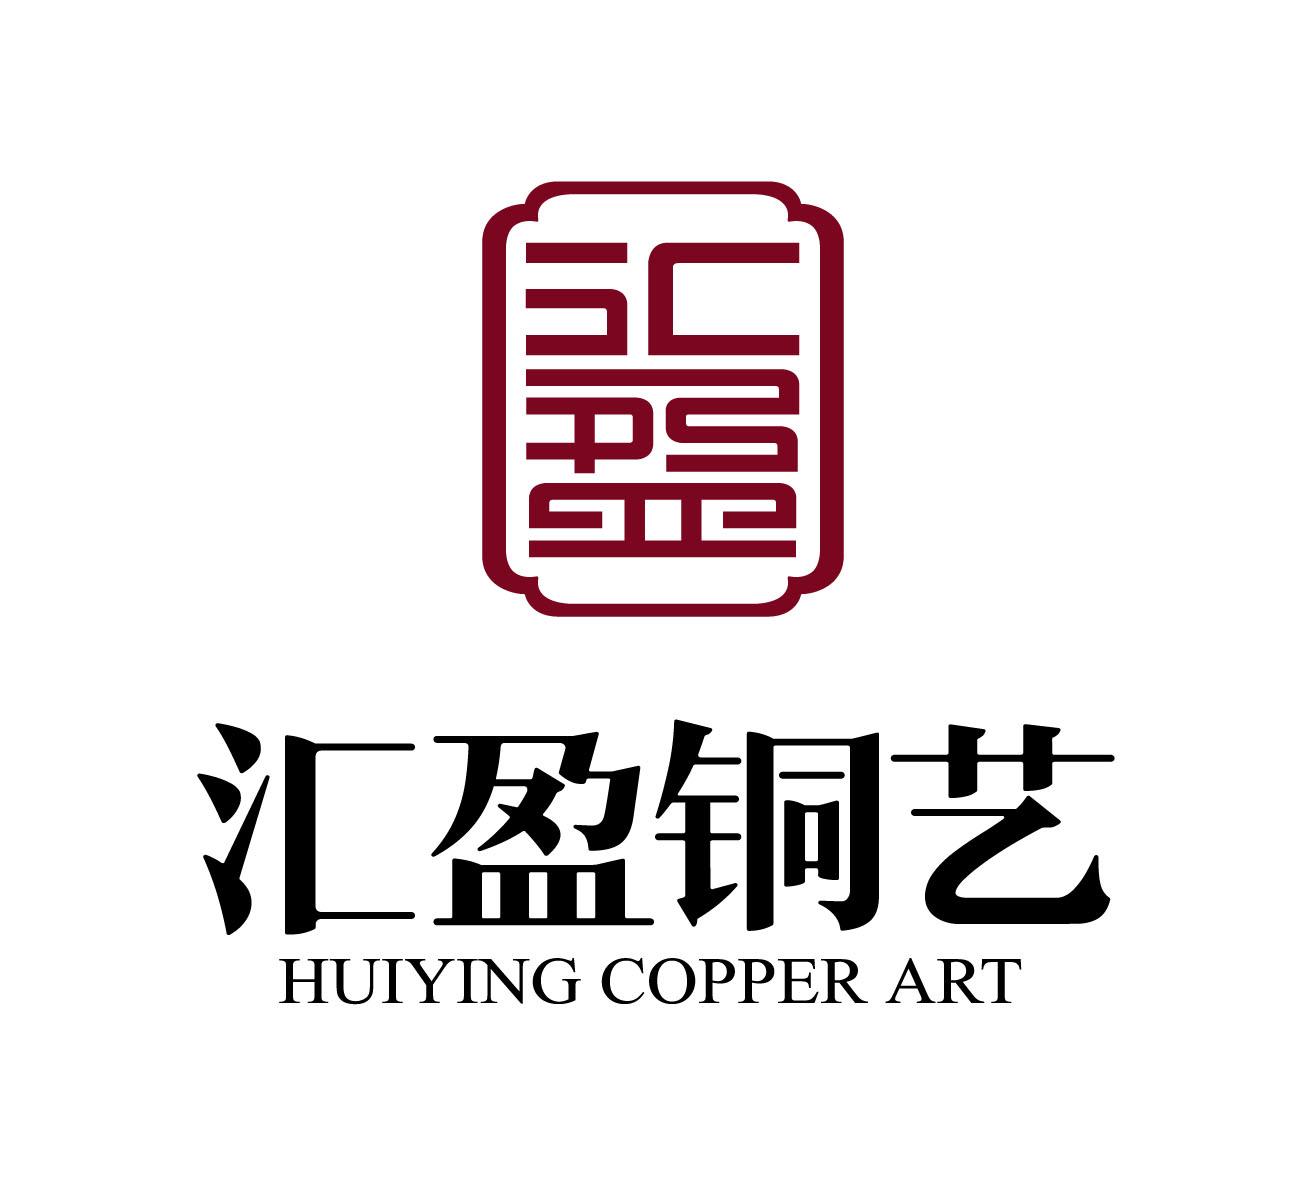 佛山市南海区裕庭金属制品有限公司Logo